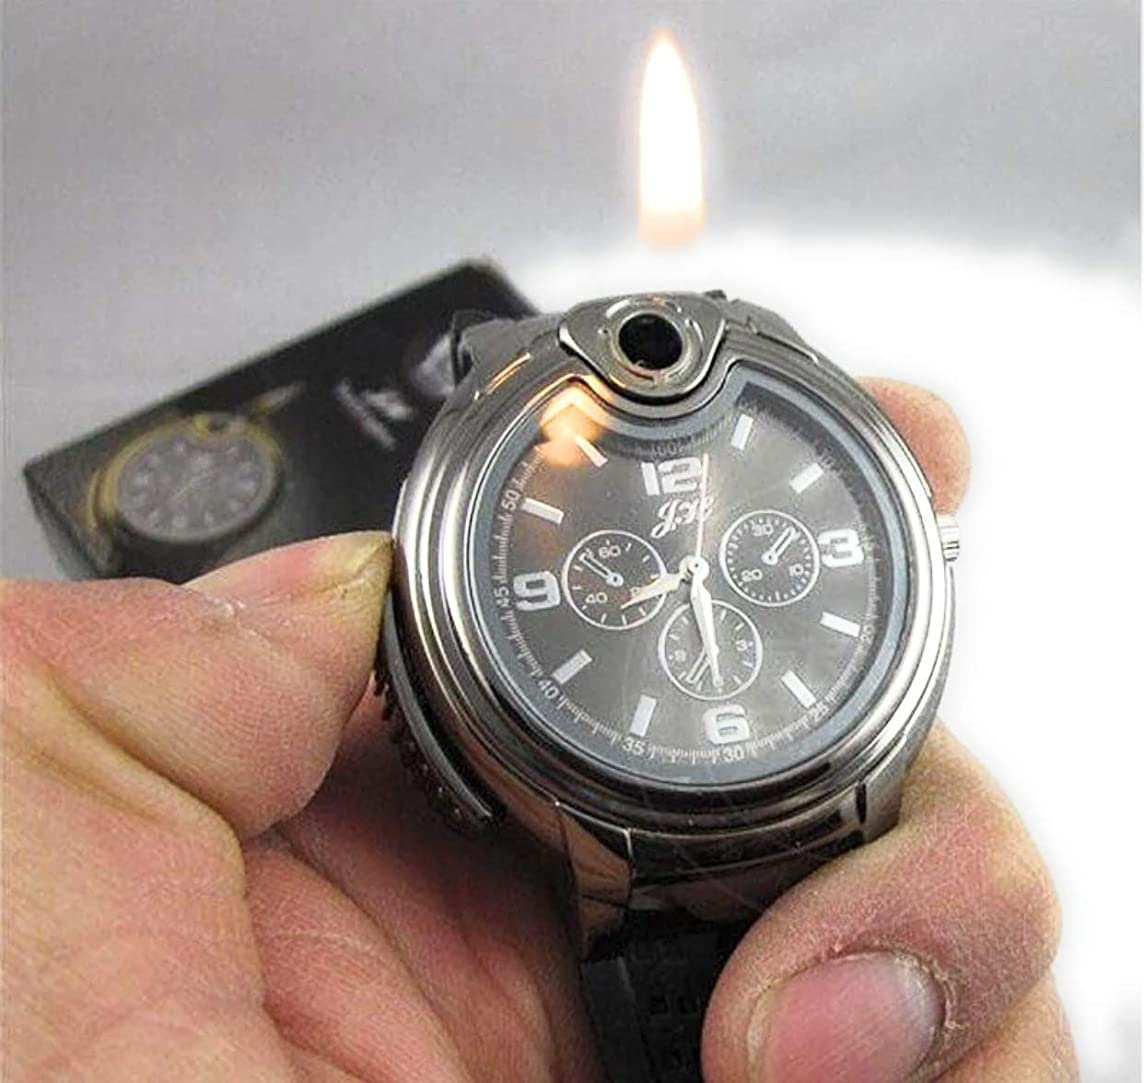 Cool Novel Watch Refillable Butane Gas Cigarette Cigar Lighter